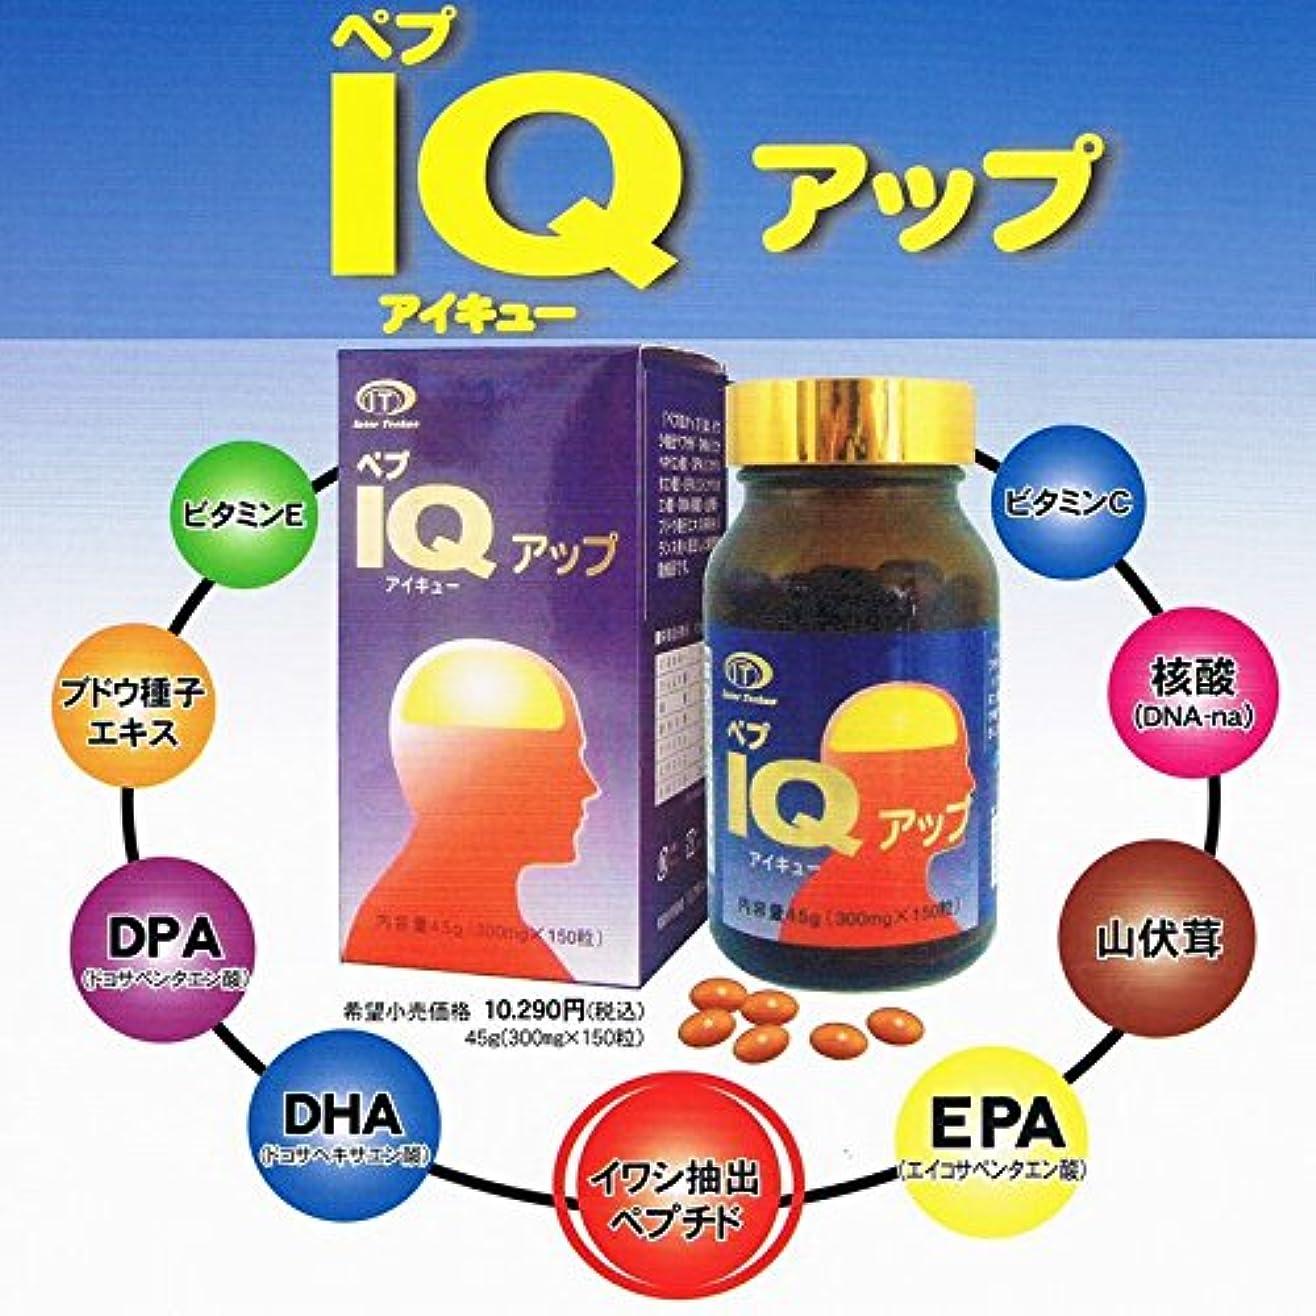 効率密発掘するペプIQアップ 150粒 《記憶?思考、DHA、EPA》